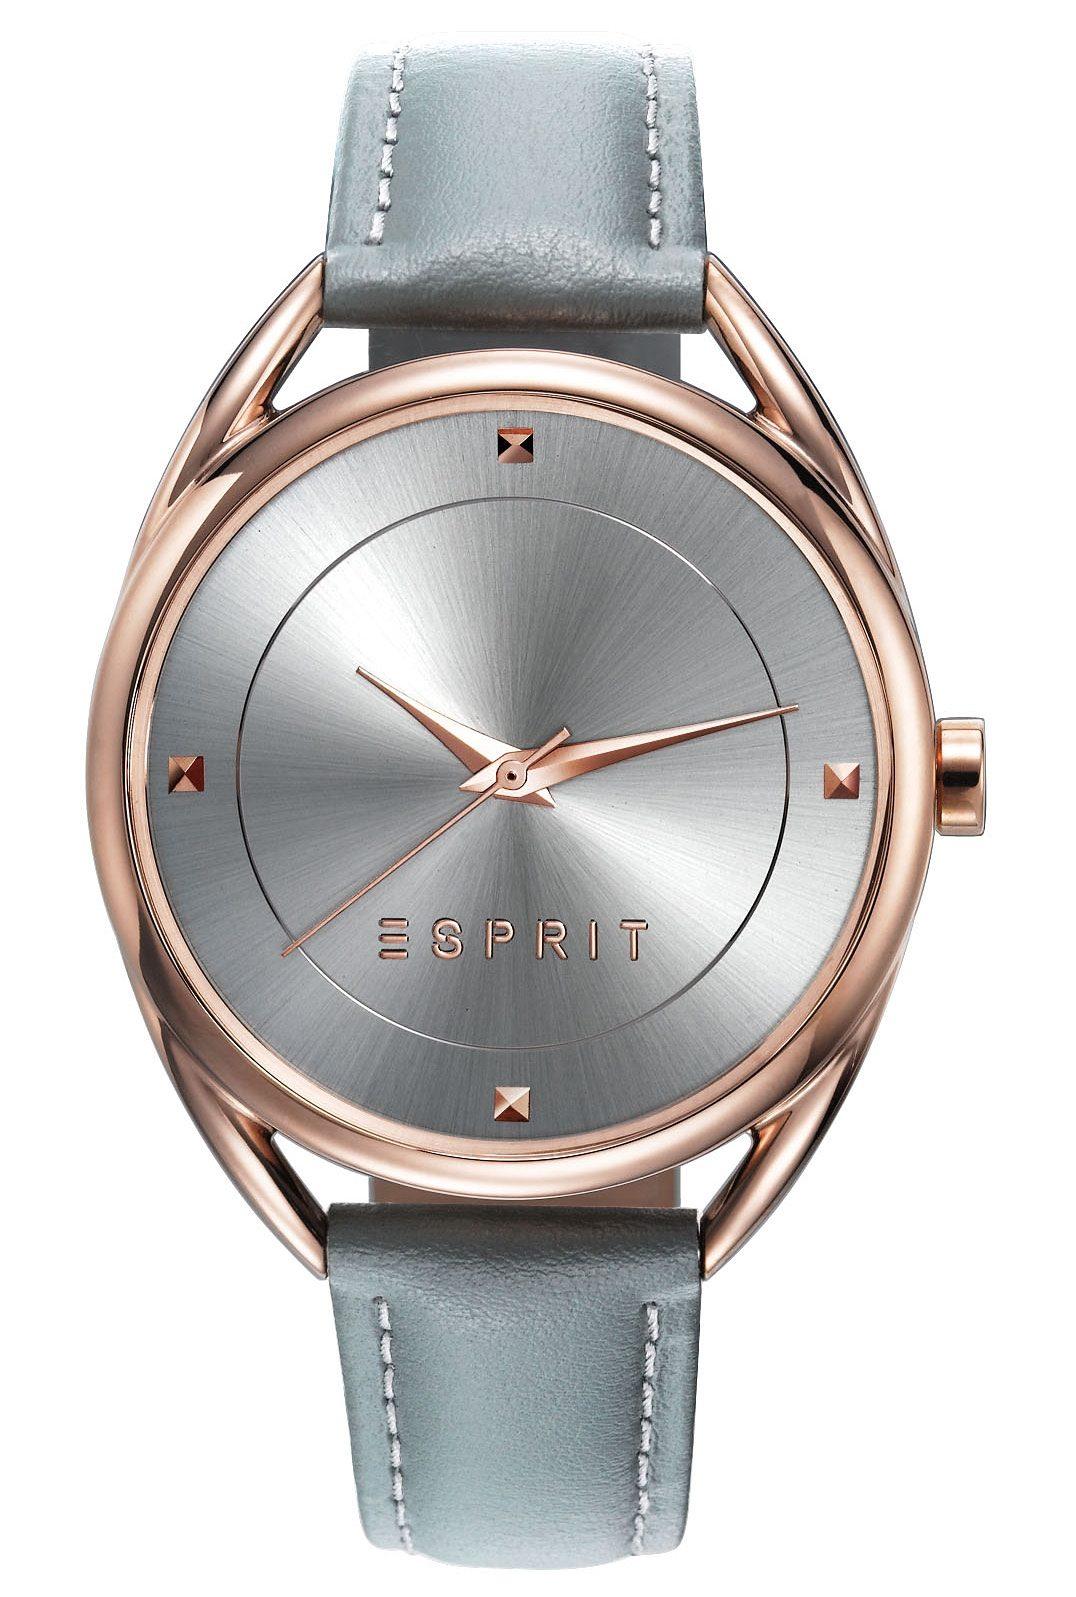 Esprit Quarzuhr »ESPRIT-TW90655 GREY, ES906552001«